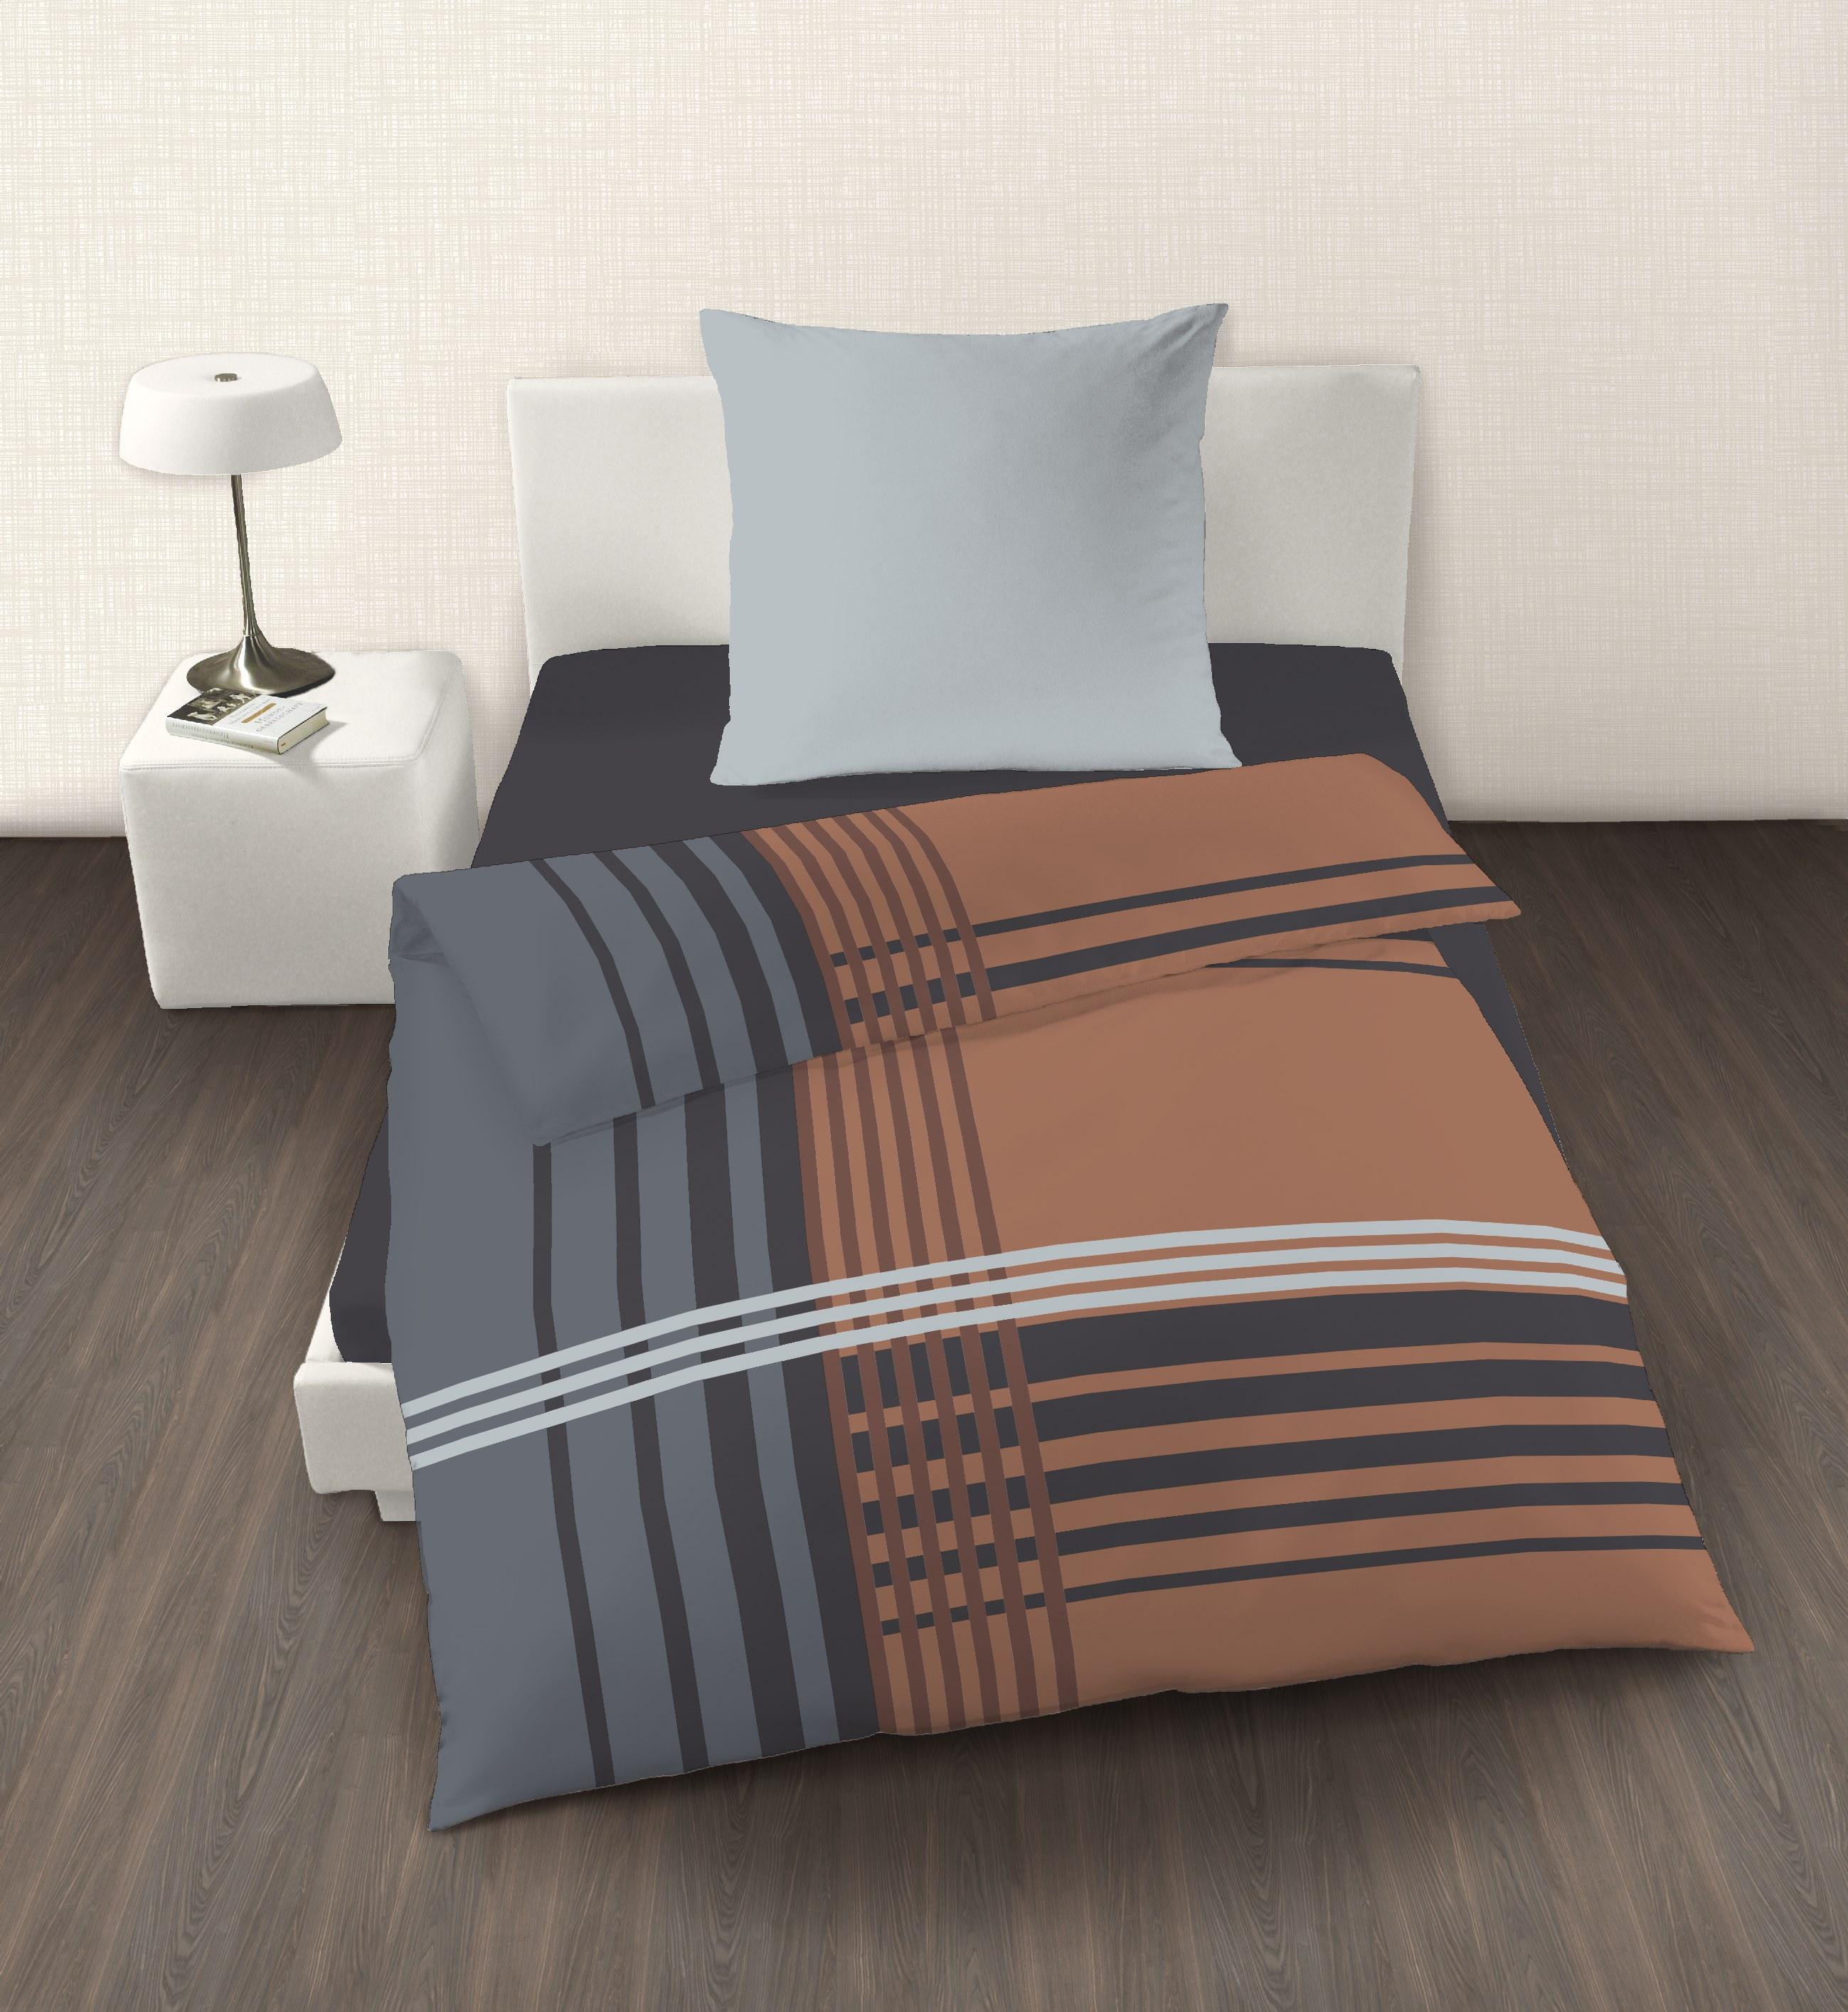 4 tlg bettw sche 135 x 200 cm braun kariert feinbiber baumwolle b ware amazon bettw sche set. Black Bedroom Furniture Sets. Home Design Ideas